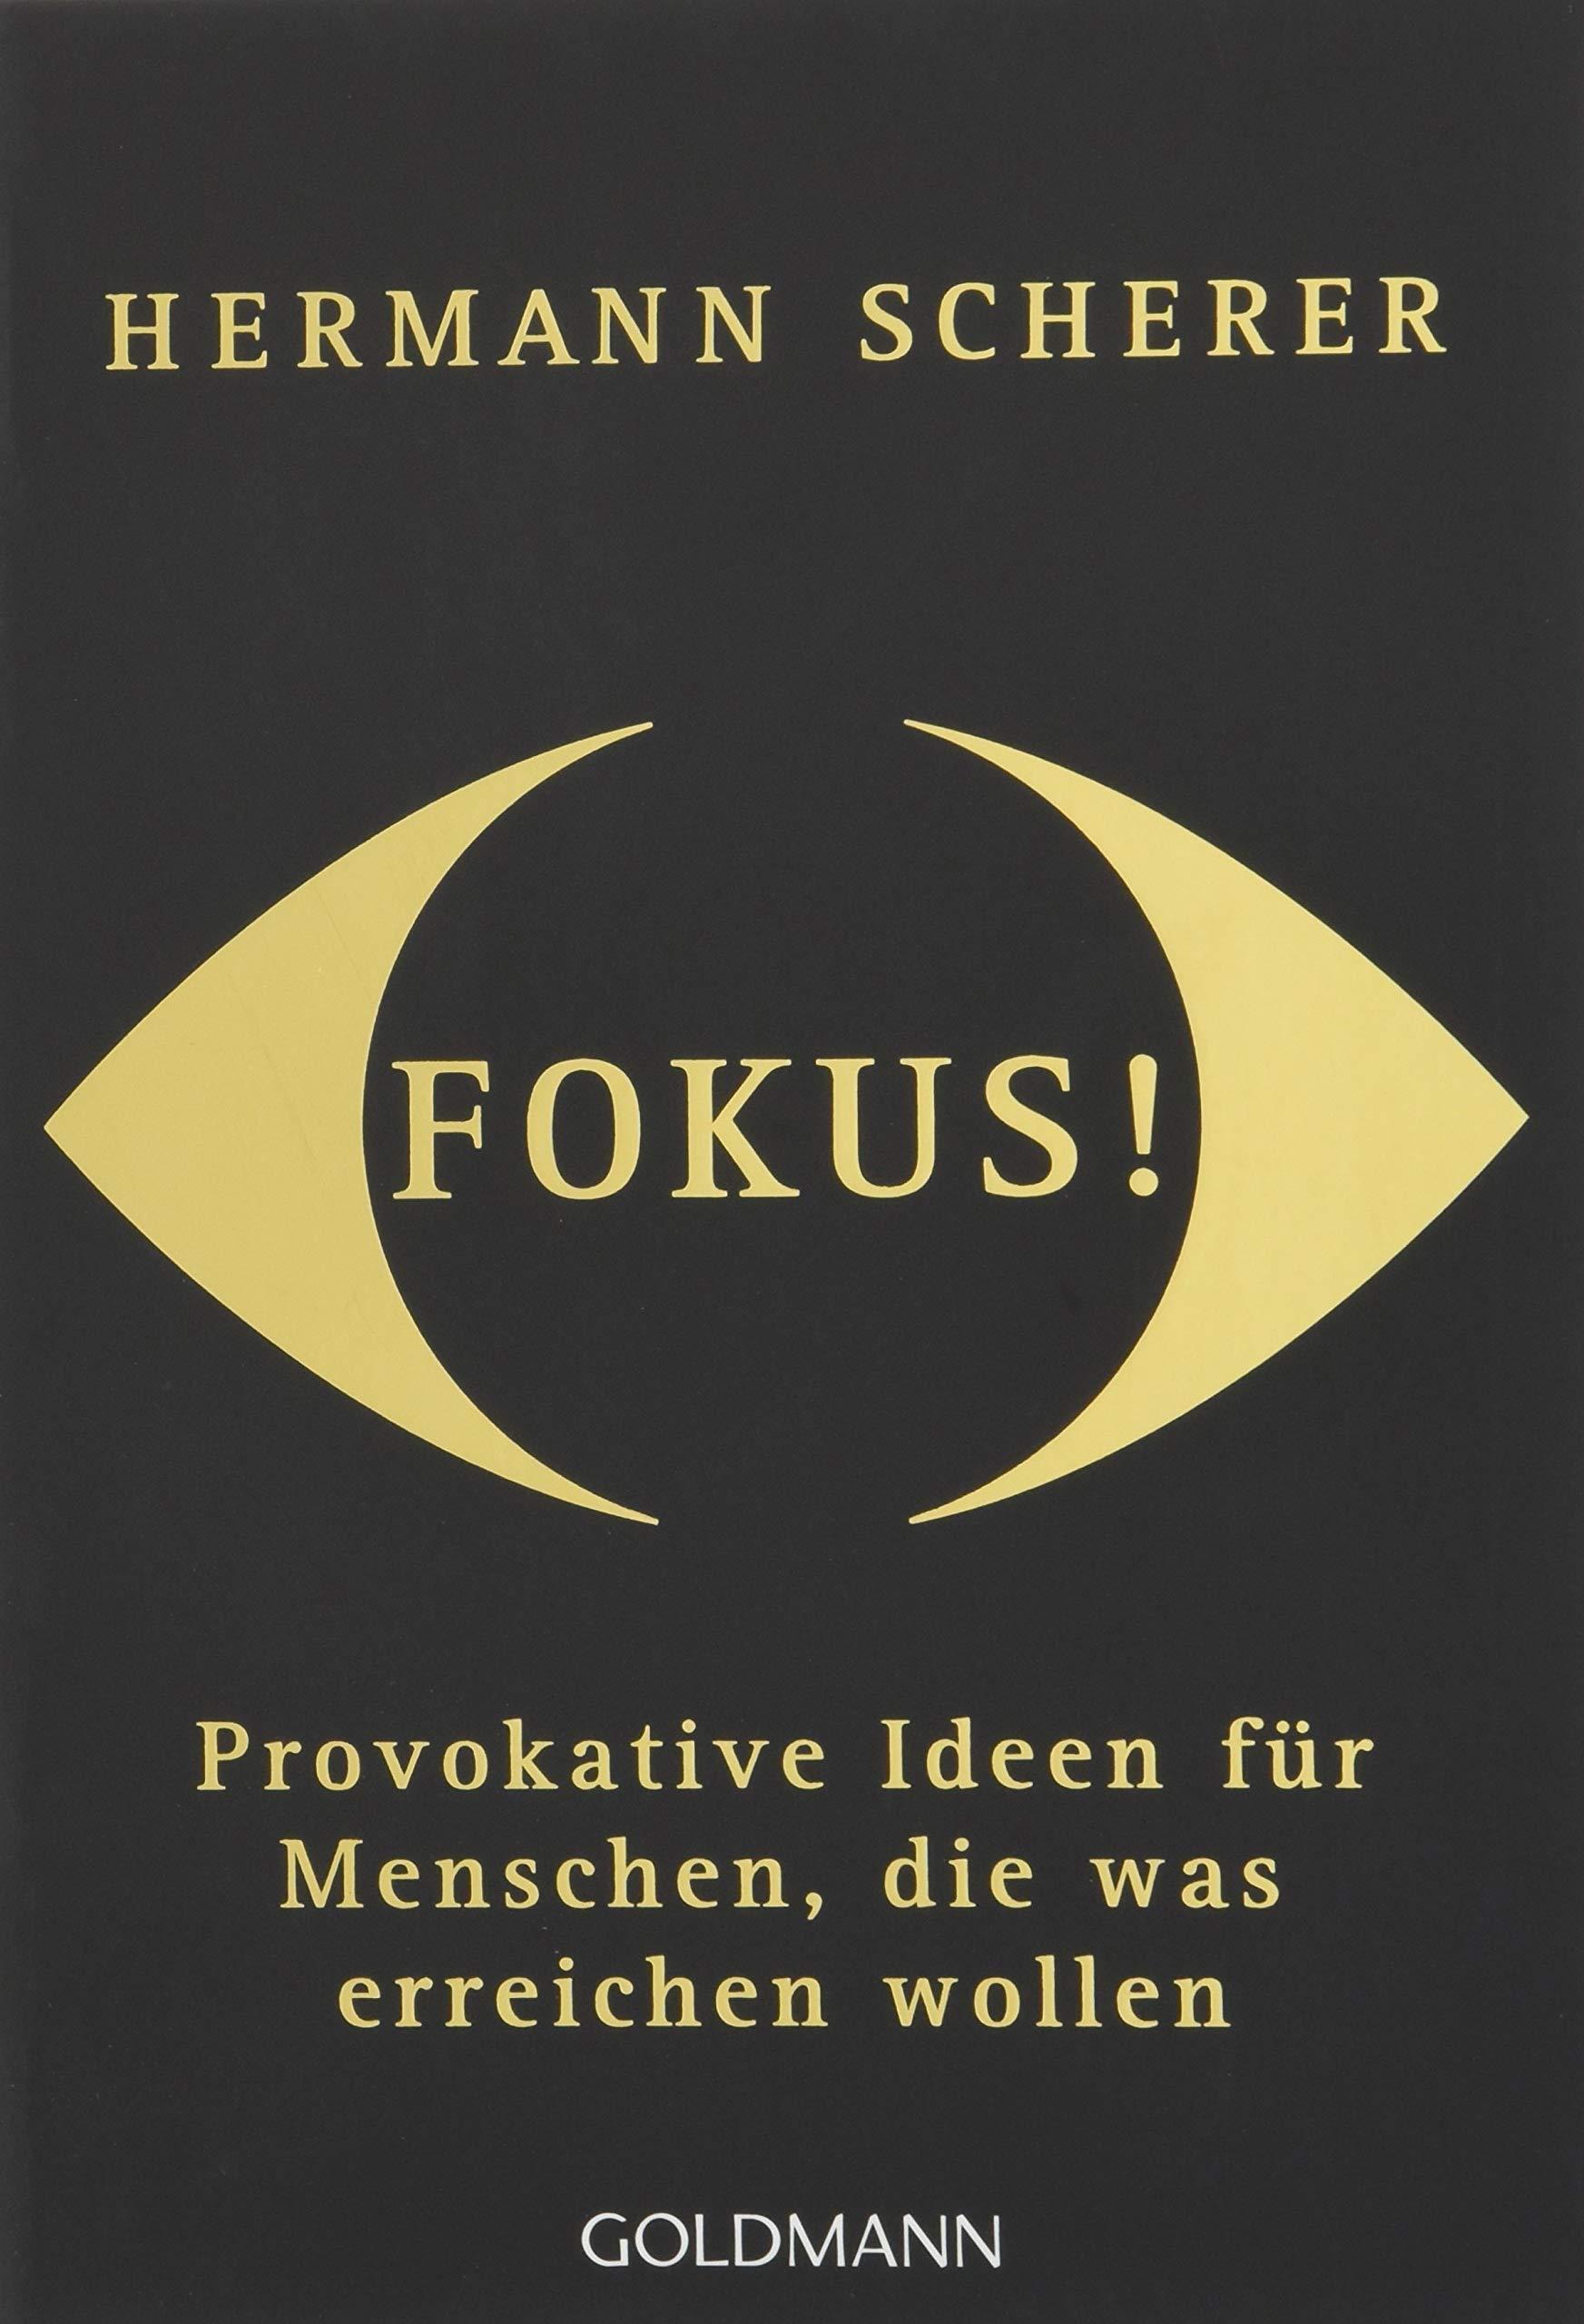 Fokus!: Provokative Ideen für Menschen, die was erreichen wollen Taschenbuch – 20. August 2018 Hermann Scherer Goldmann Verlag 3442177464 Beruf / Karriere